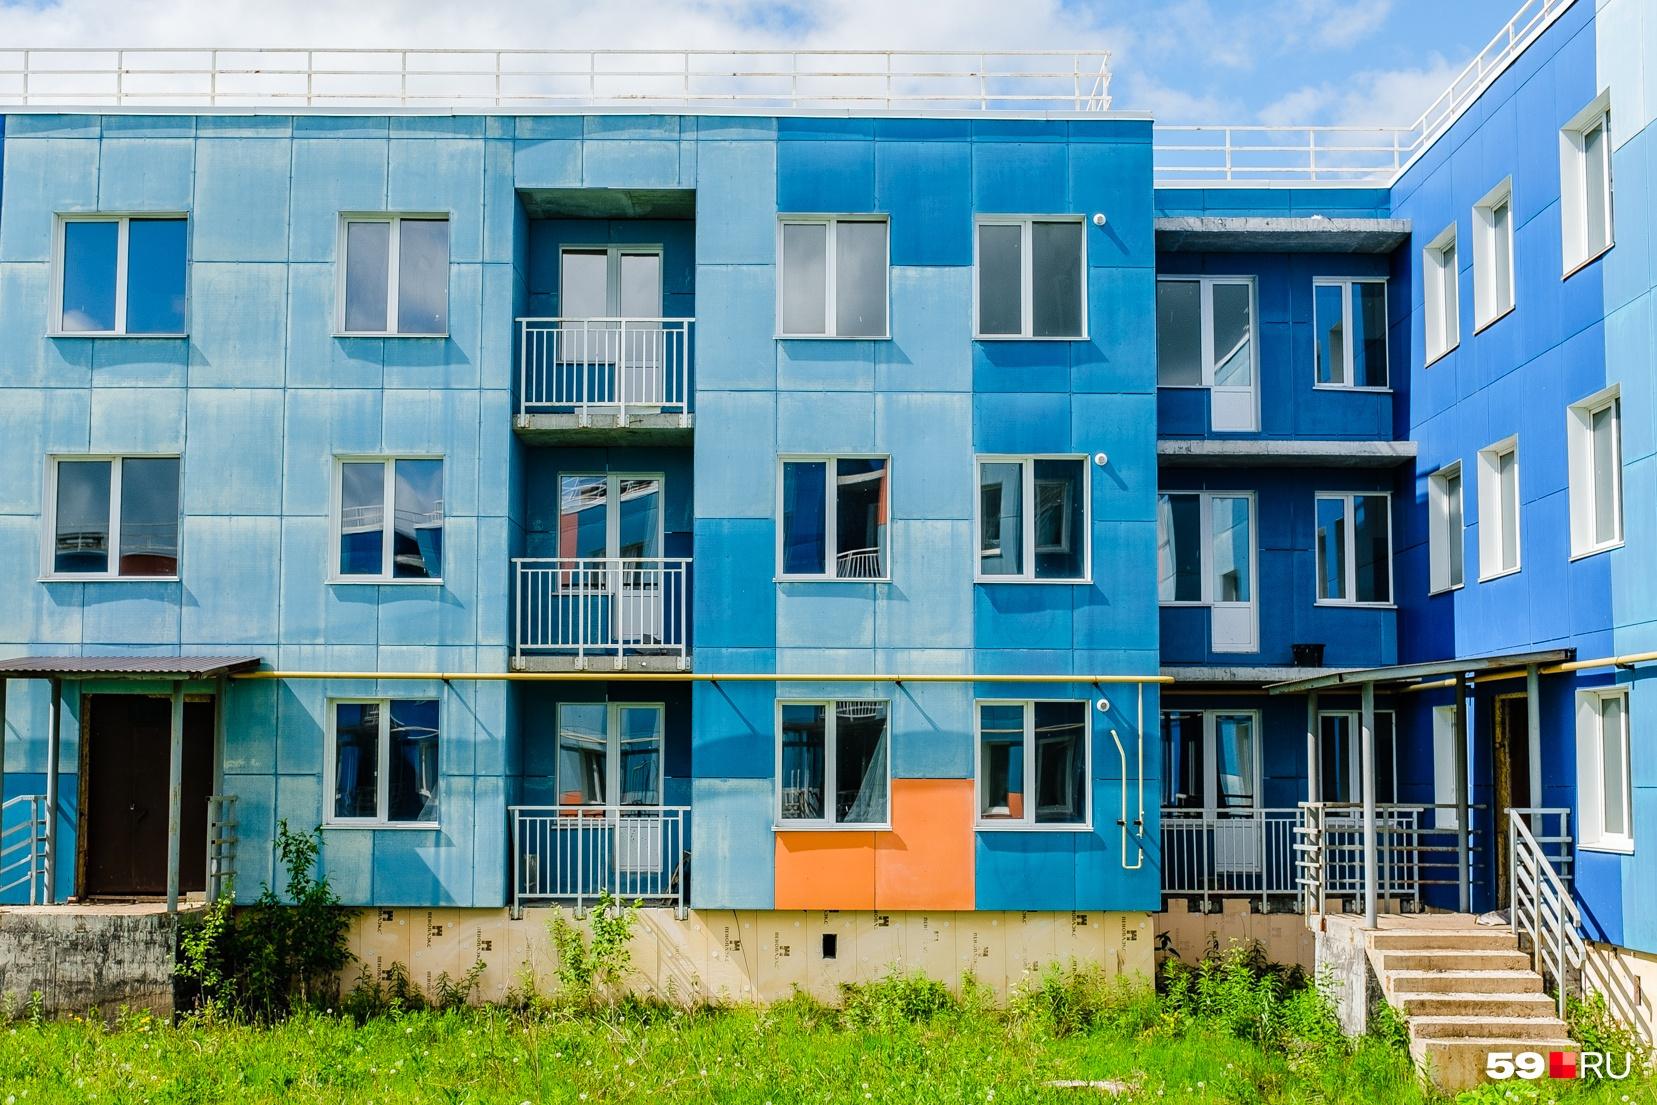 Дома разноцветные и с виду выглядят хорошо, но жить в них невозможно